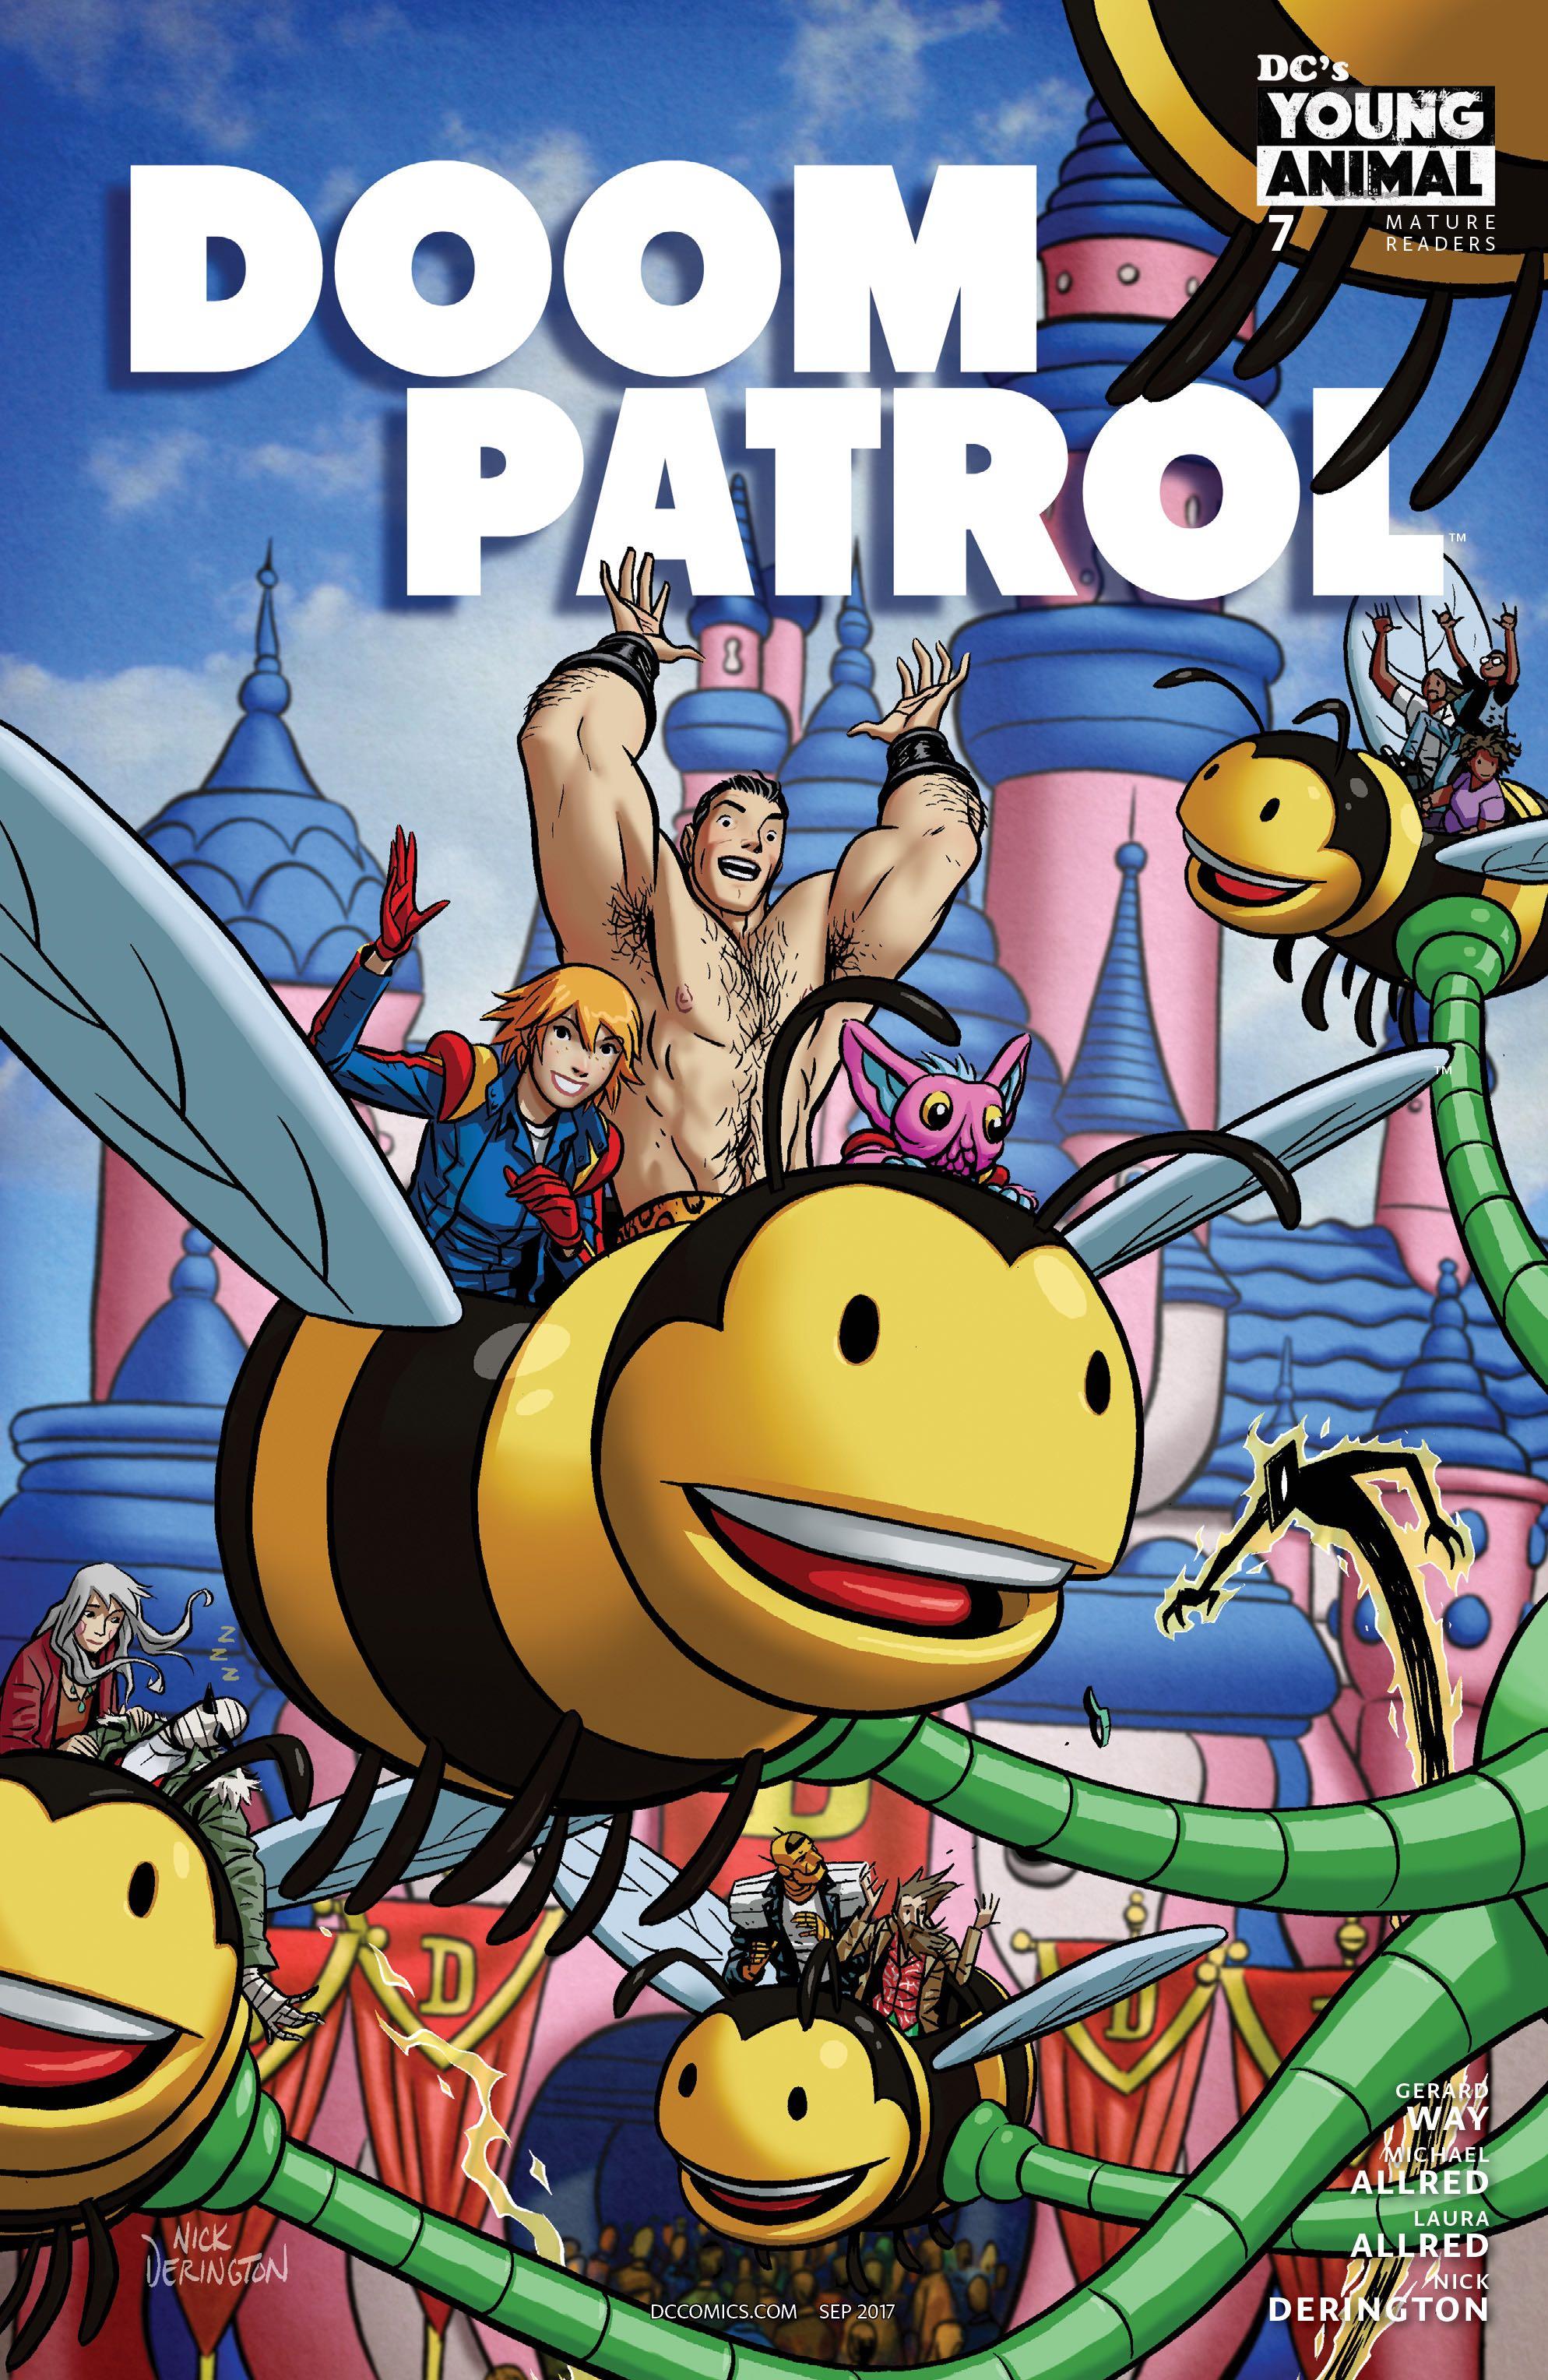 Doom Patrol 7 Variant Cover Fresh Comics